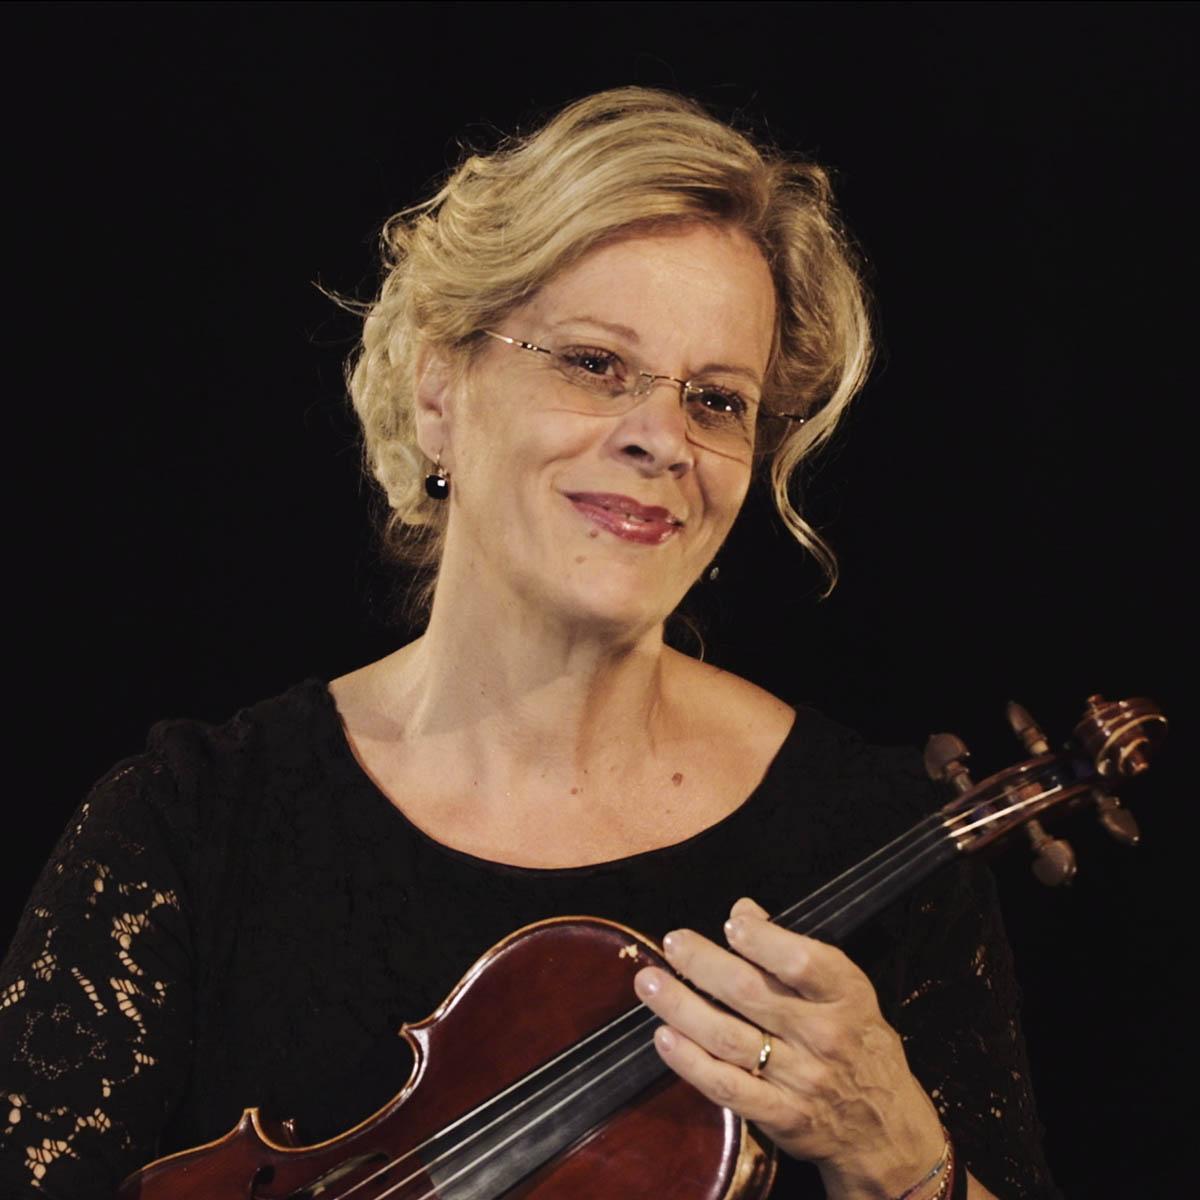 Erika Ferrari